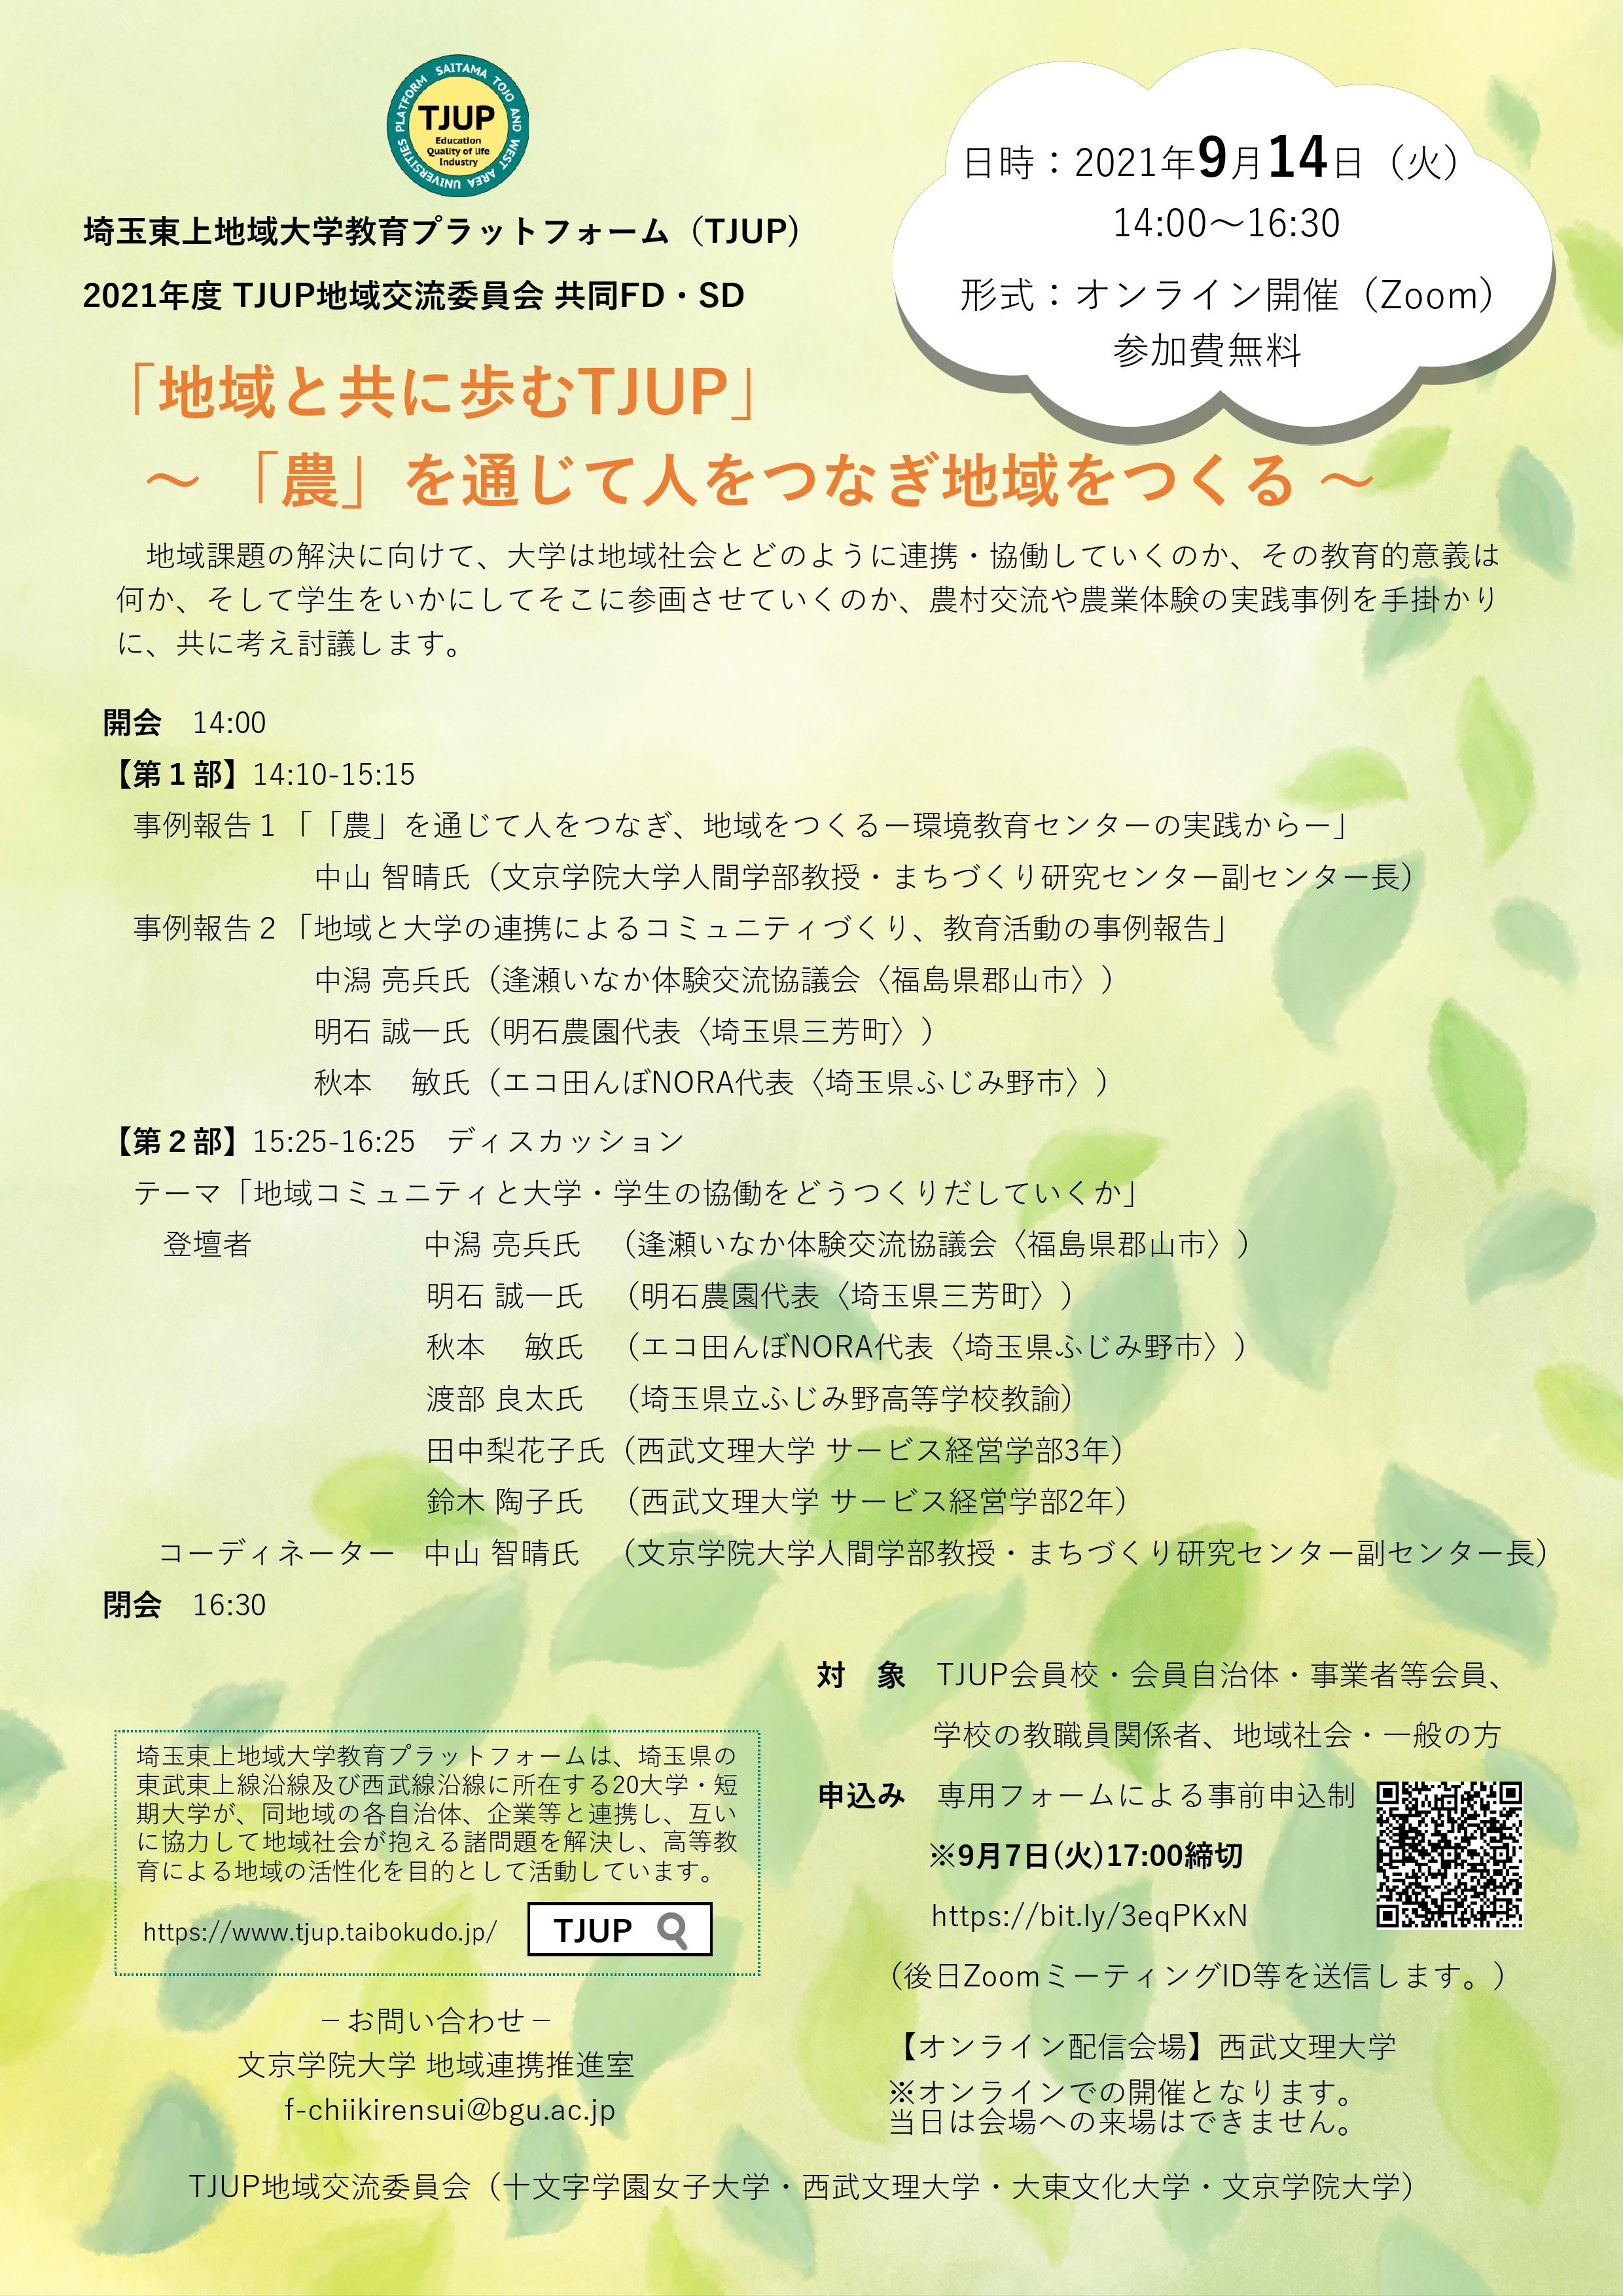 埼玉東上地域大学教育プラットフォーム(TJUP)主催事業